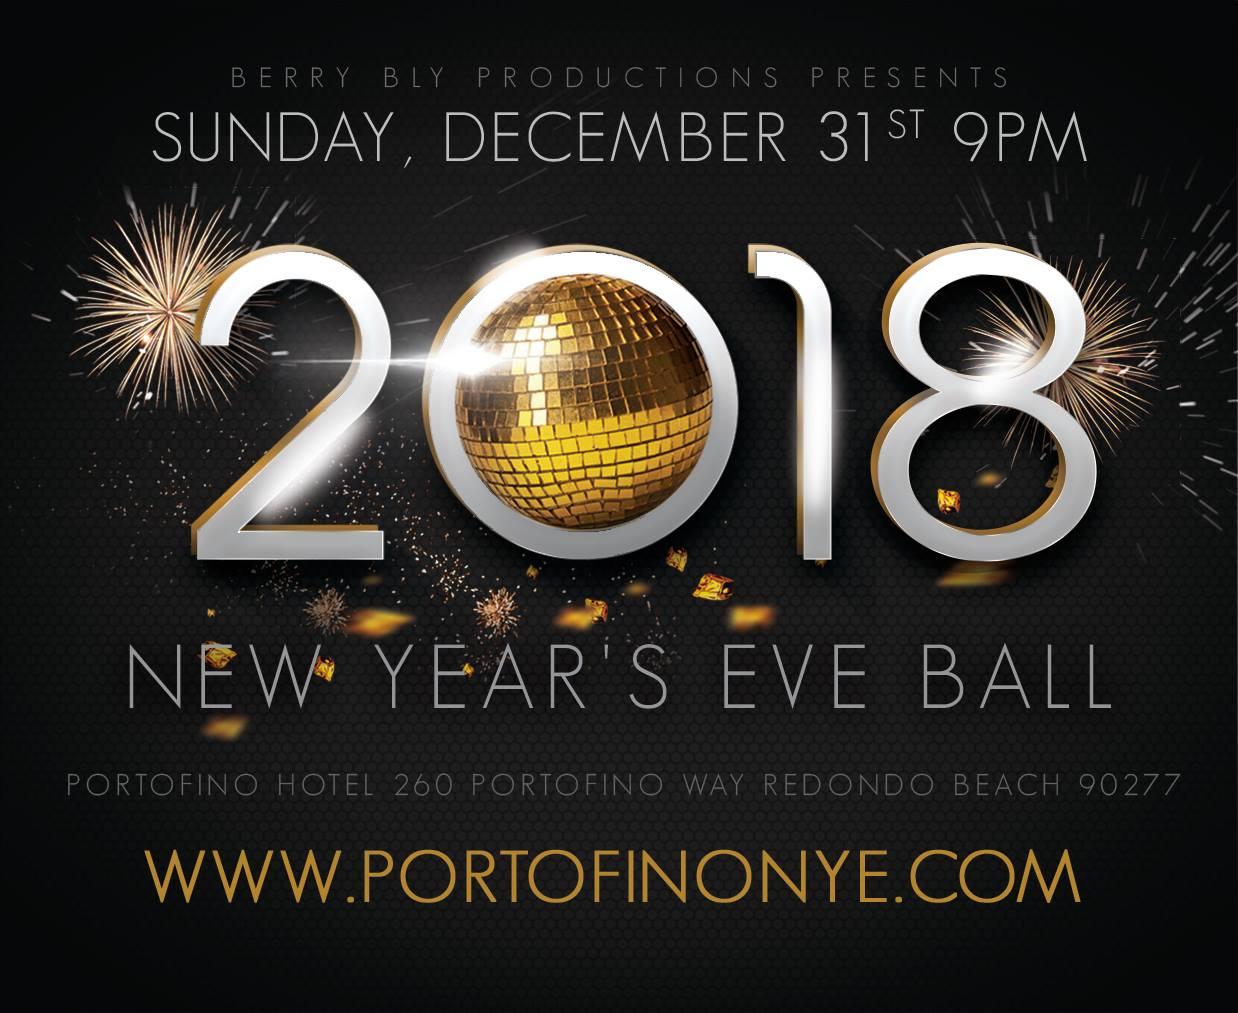 Event Description Portofino